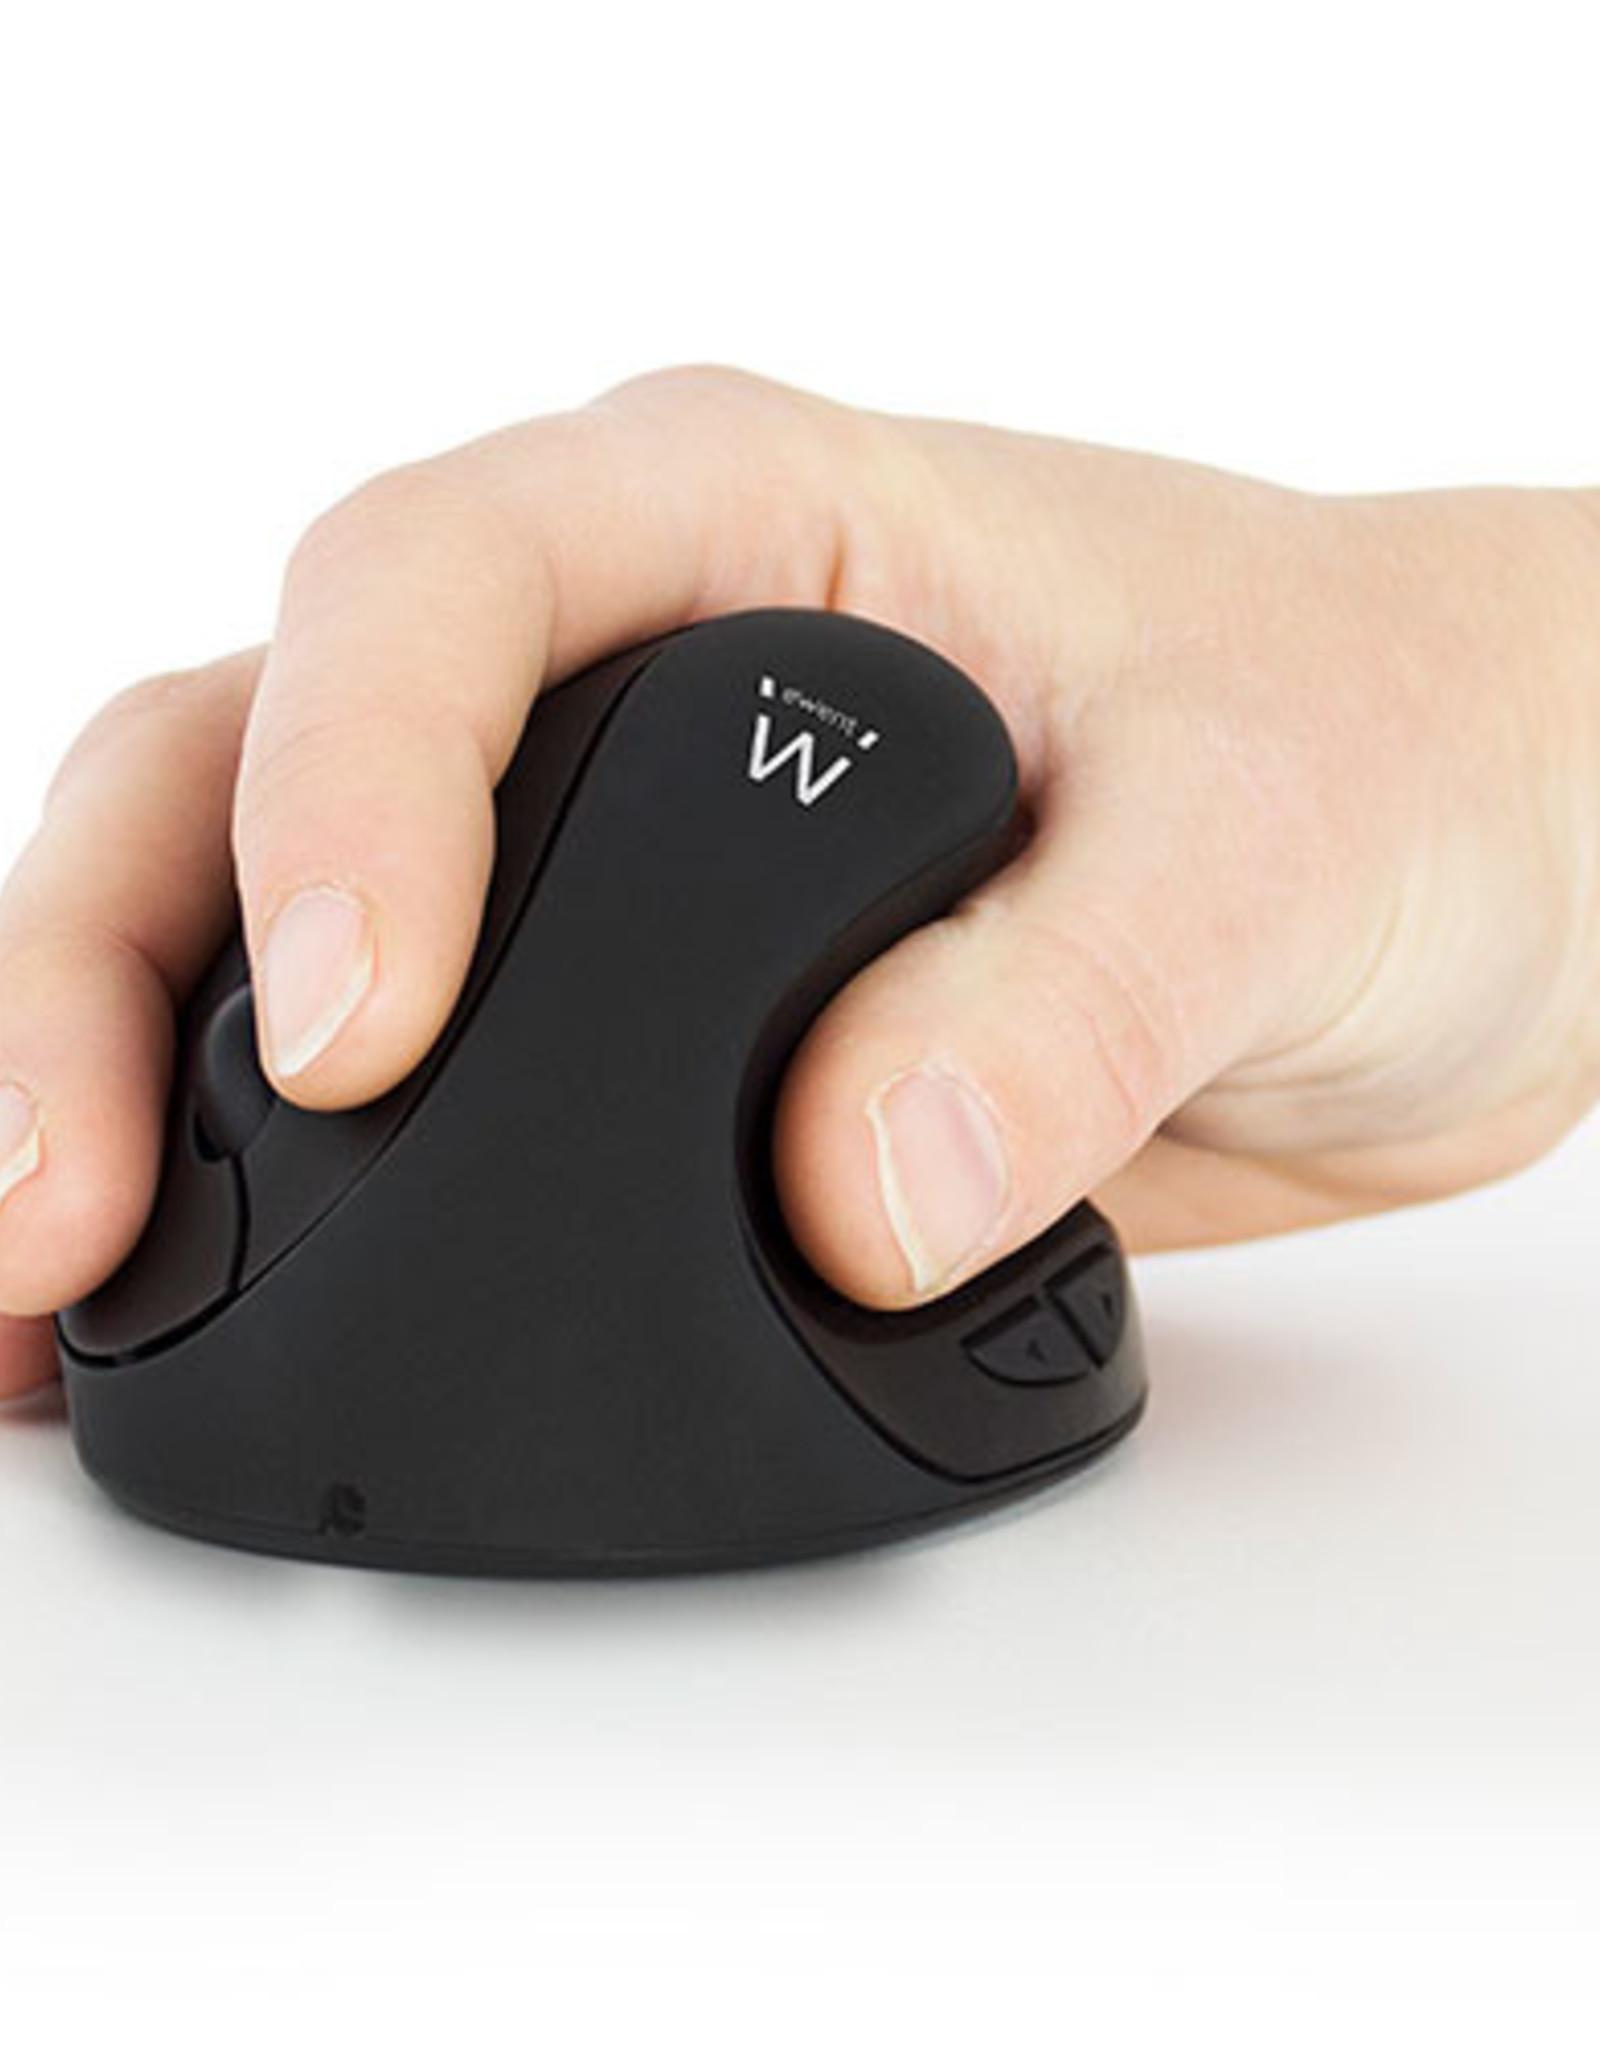 Ewent Ewent Draadloze ergonomische muis, USB nano ontvanger, 1600 dpi, zwart